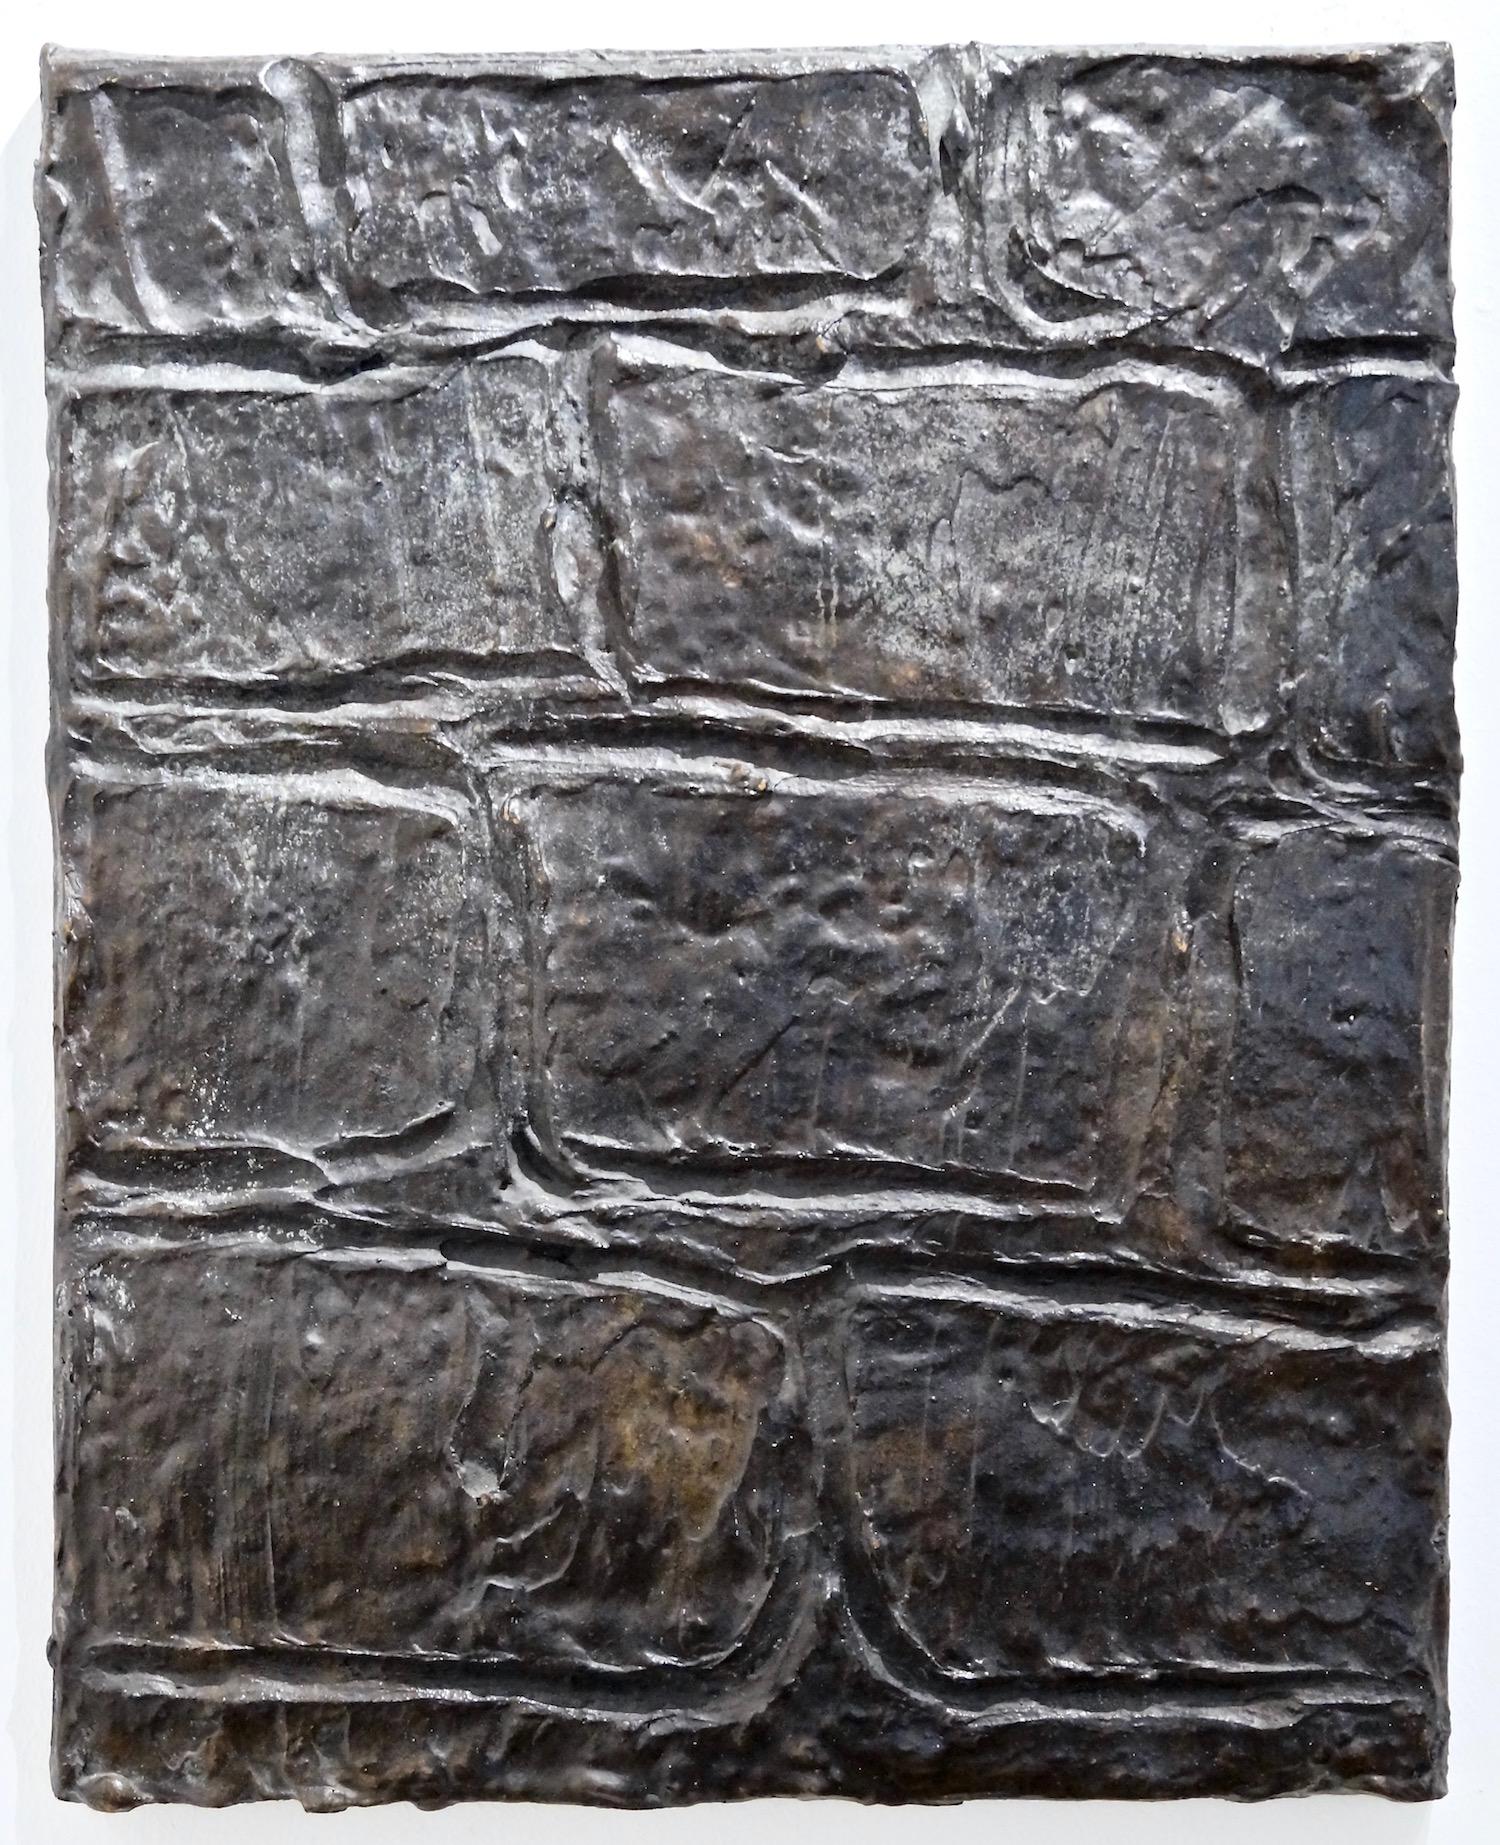 Günther Förg untitled, 1991 bronze 49 x 39 cm | 19 1/3 x 15 1/3 in Expl. 7/14 GF/O 1